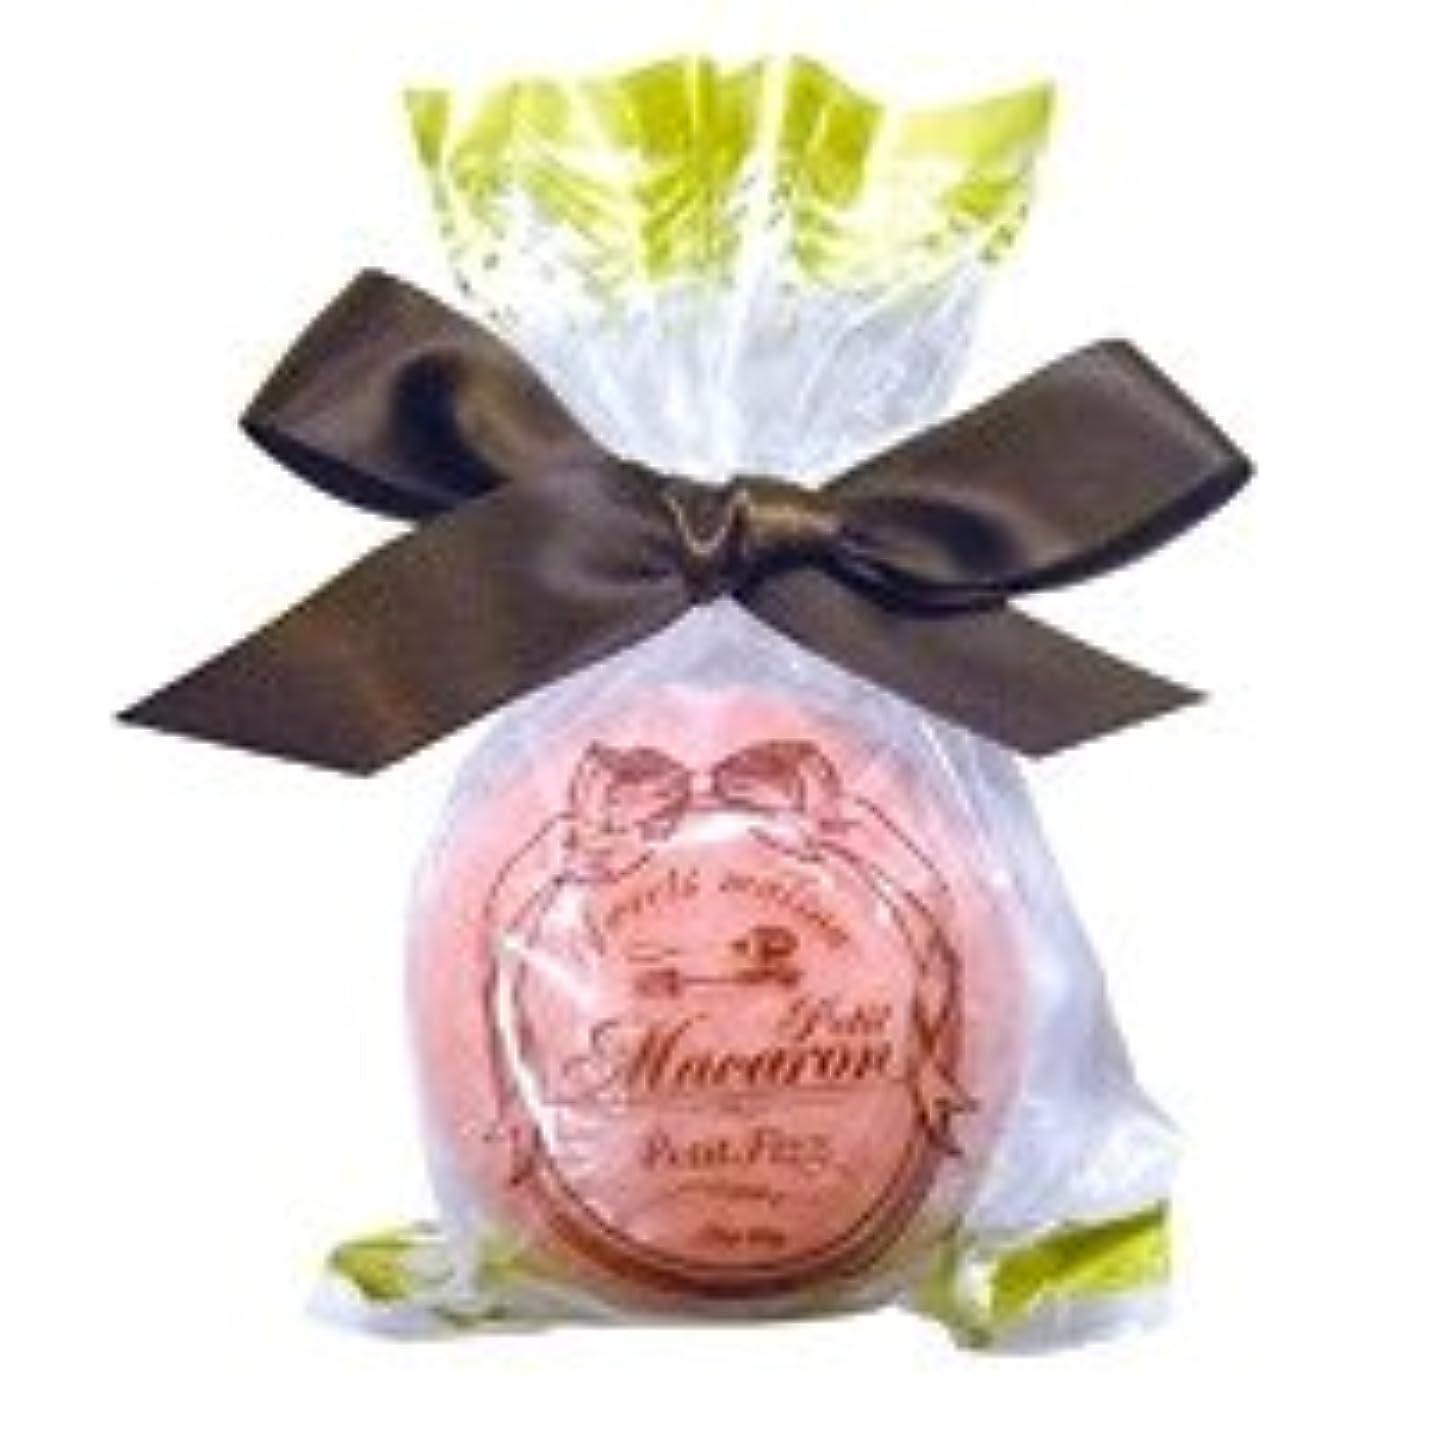 ドナウ川ロゴ集めるスウィーツメゾン プチマカロンフィズ「ダークピンク」12個セット 華やかなローズの香り